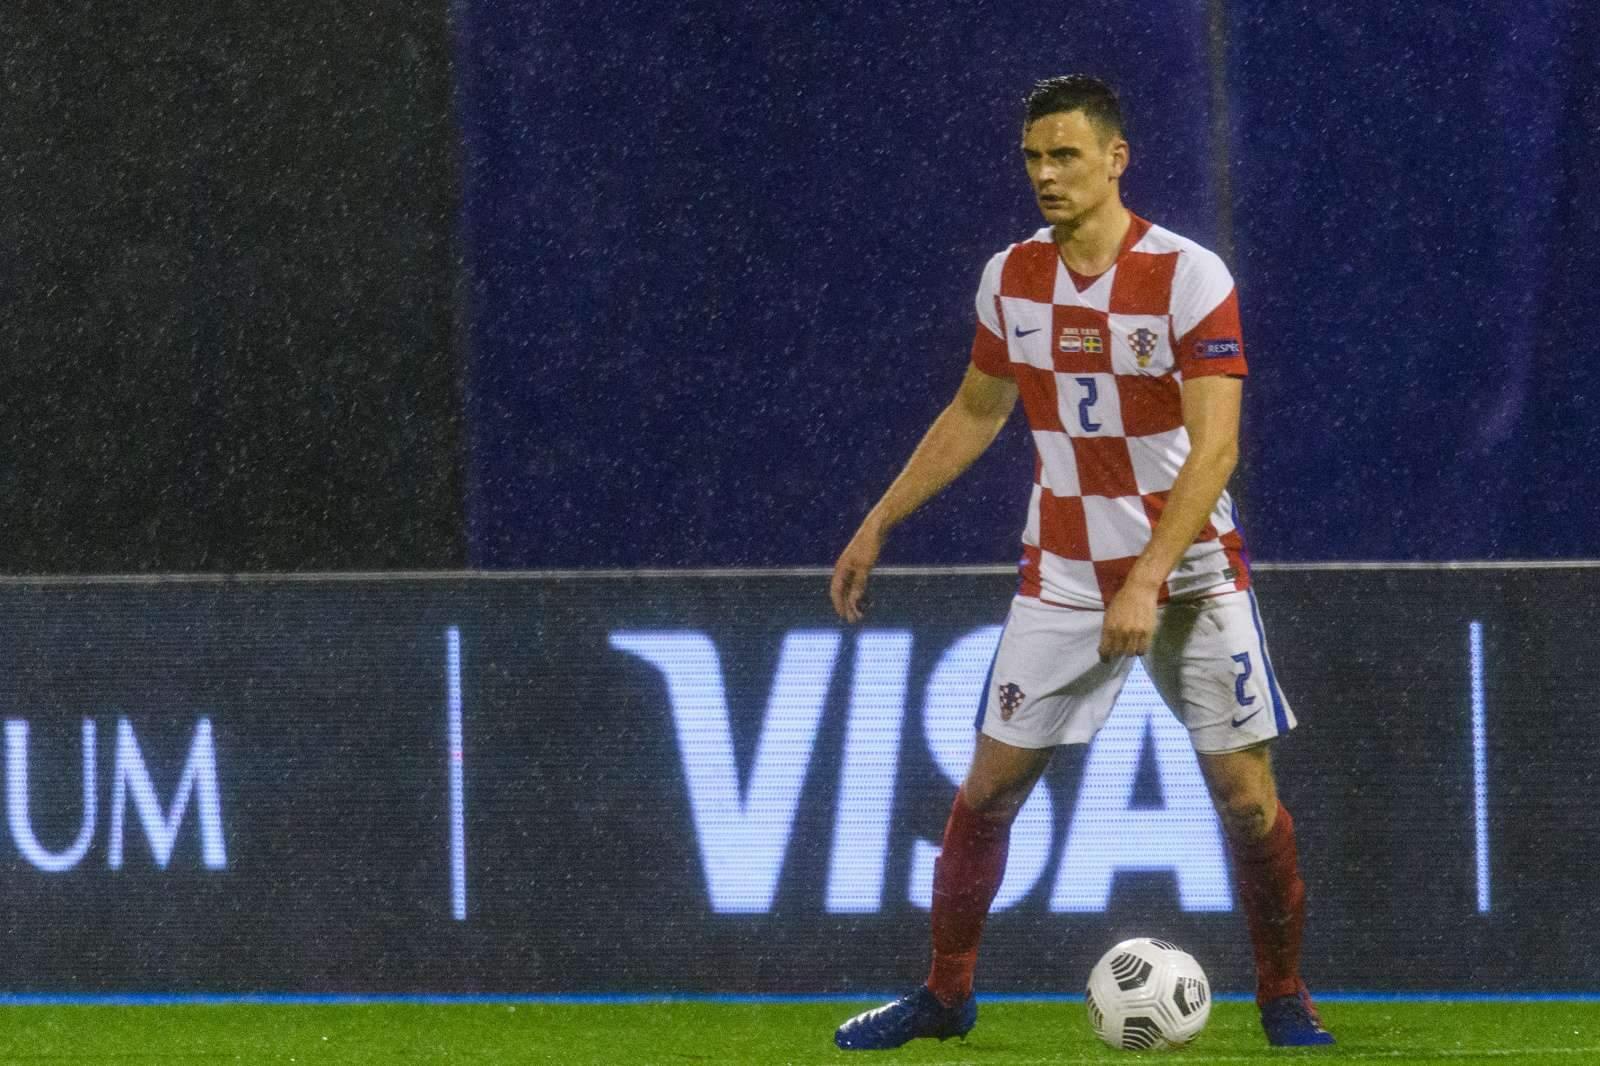 Игрок «Рубина» Уремович получил травму в матче за сборную Хорватии